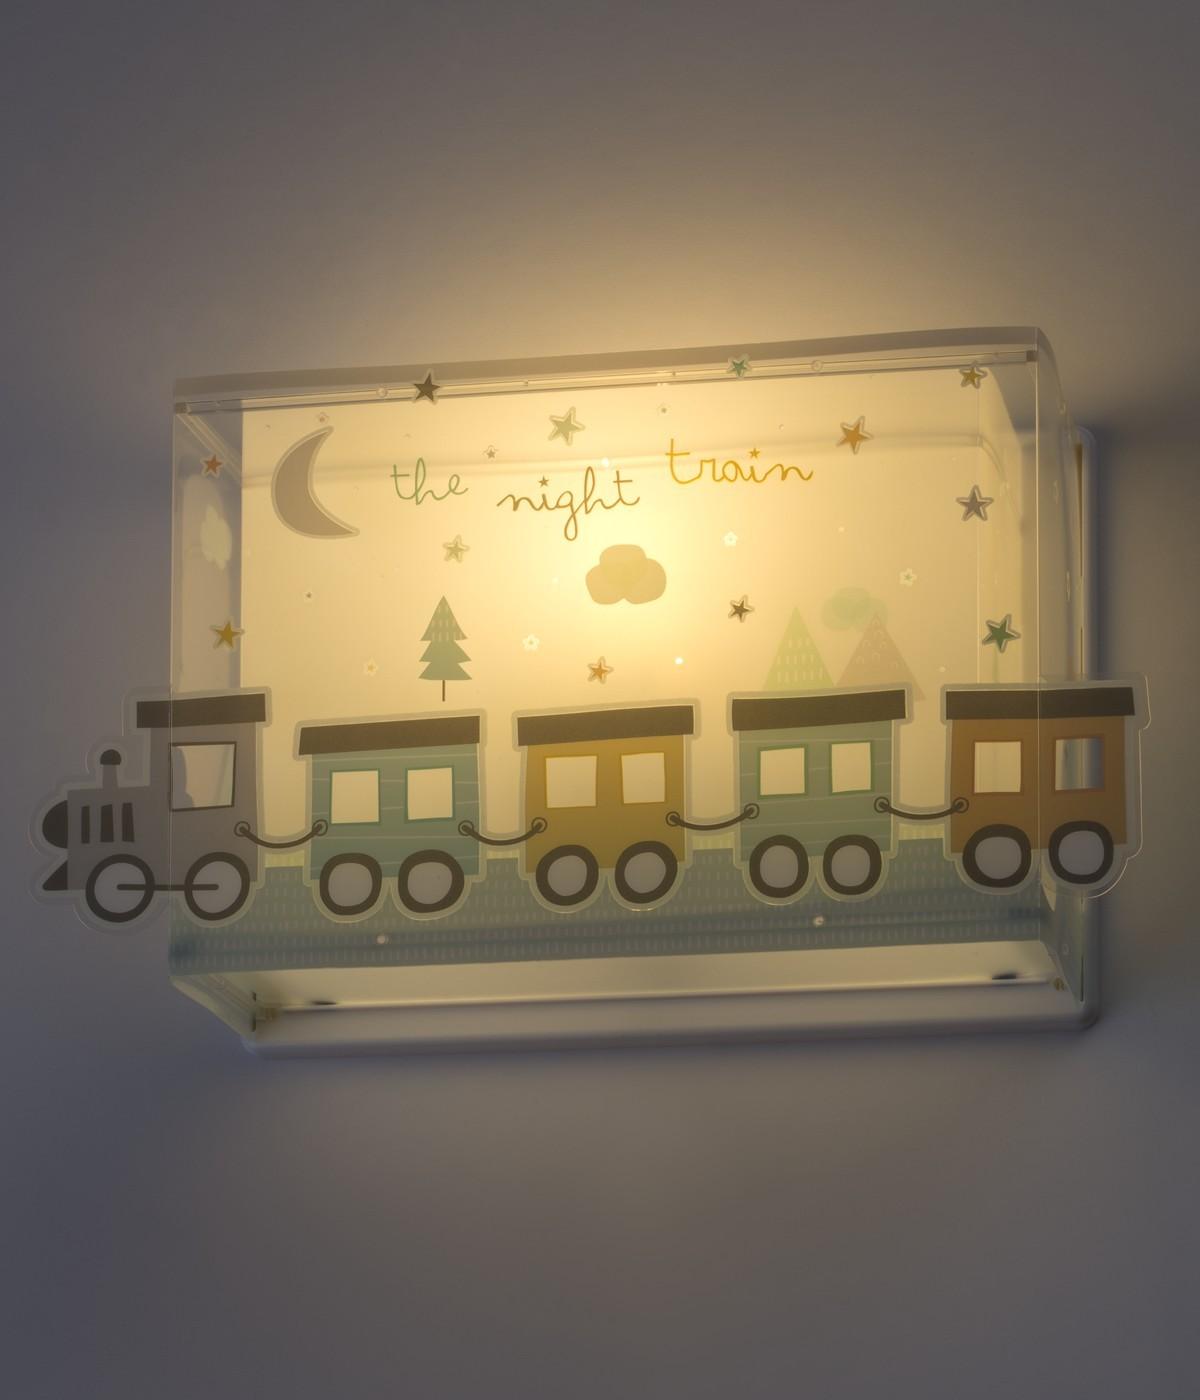 Applique per bambini The Night Train